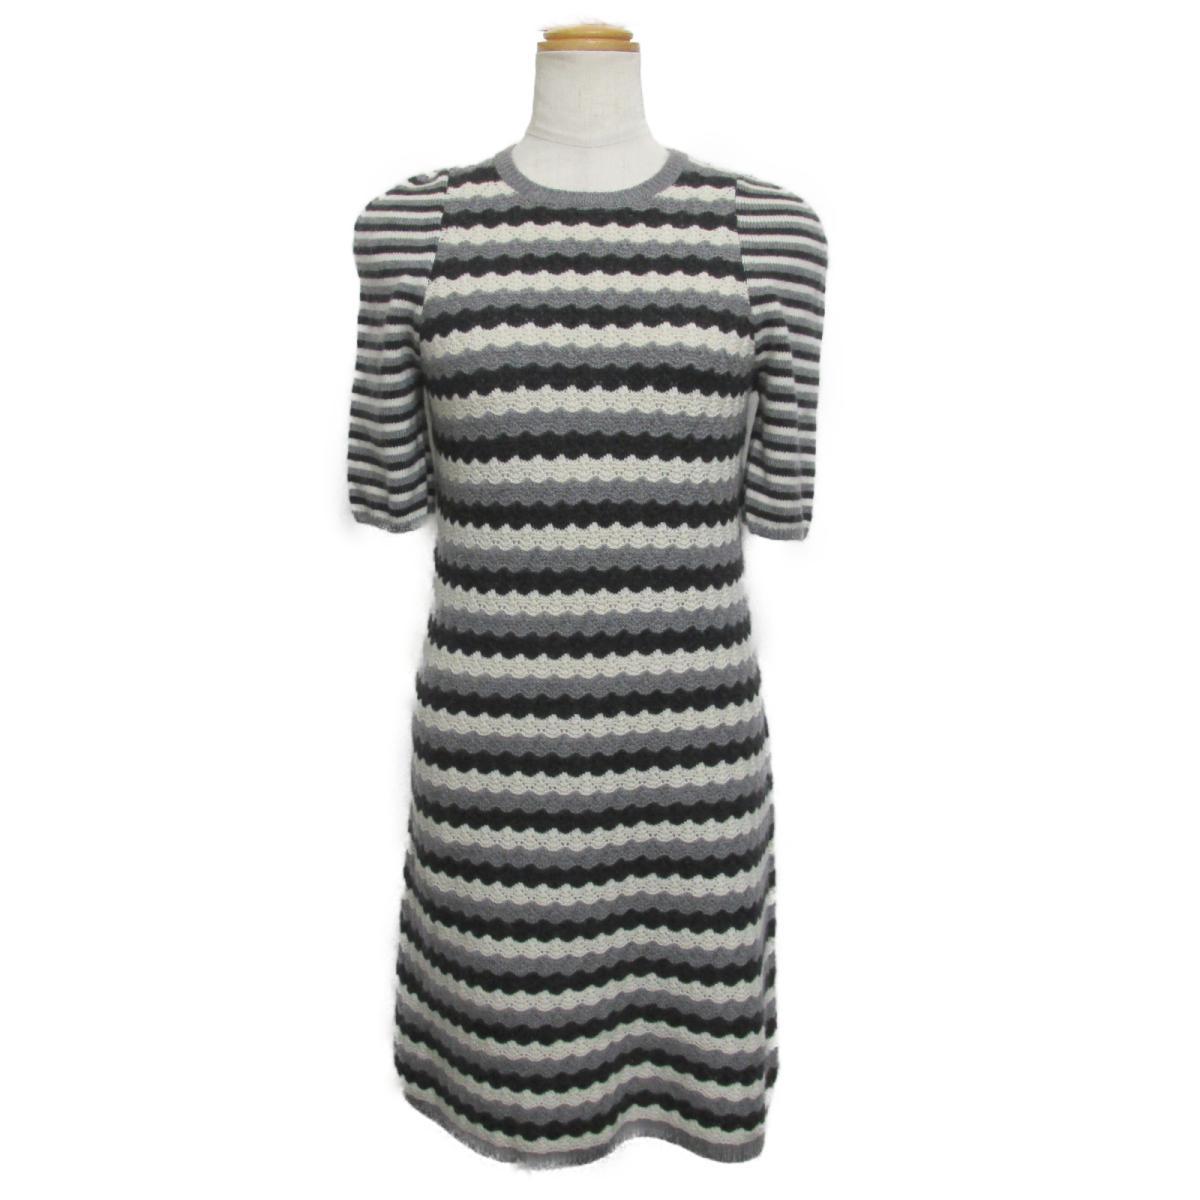 【中古】 シャネル ワンピース レディース 100%カシミア グレー ブラック ホワイト (P57823K07567) | CHANEL BRANDOFF ブランドオフ 衣料品 衣類 ブランド